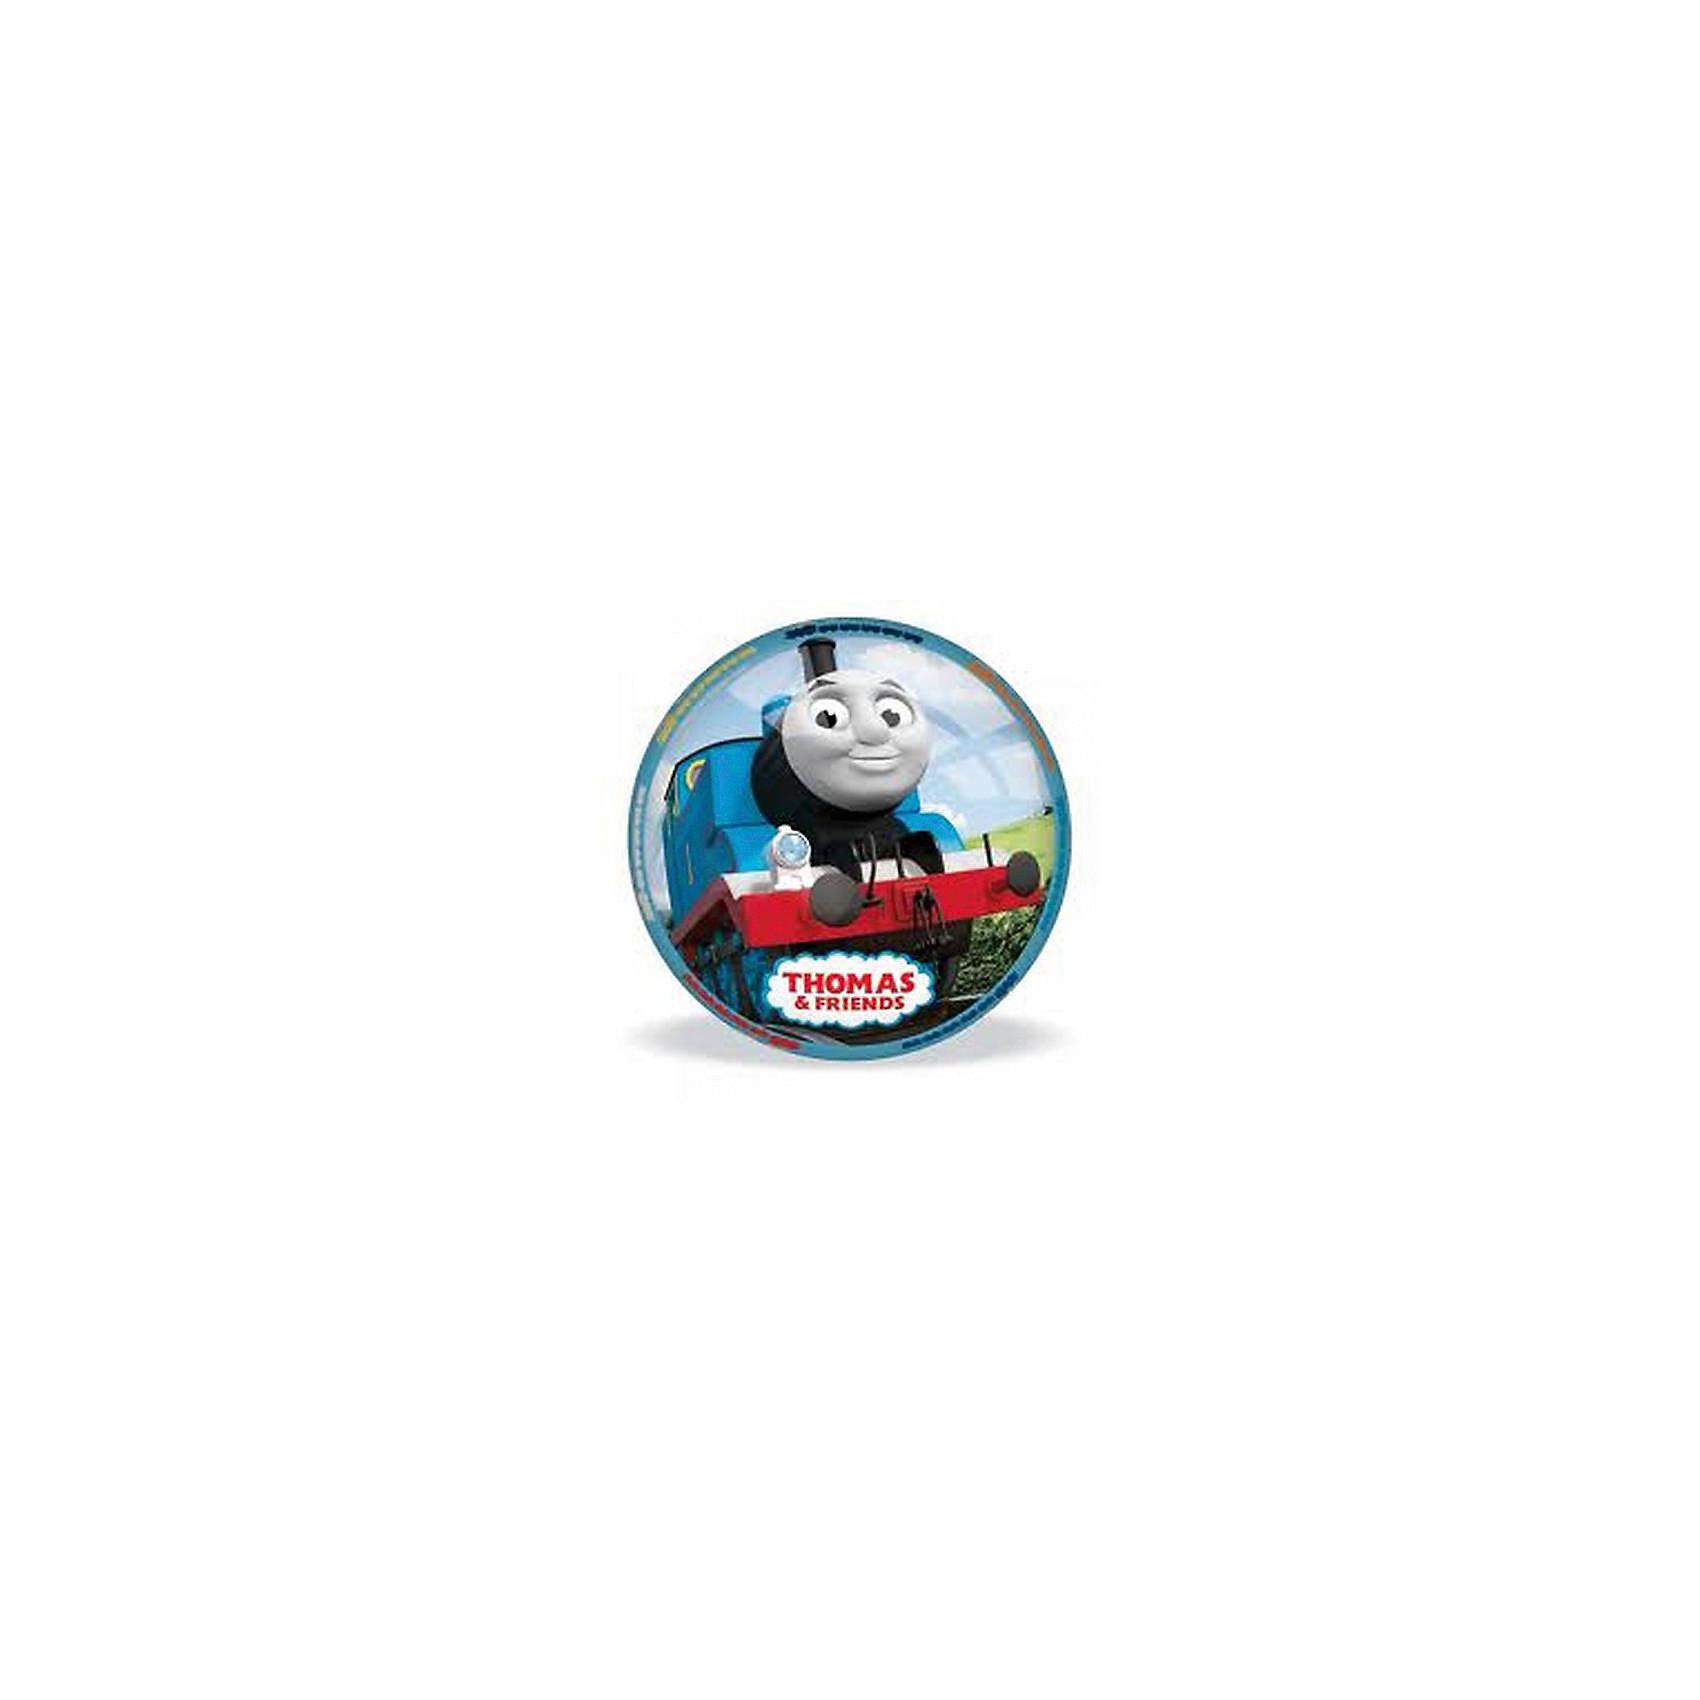 Мяч Томас, 11 см, MondoКрасивый, яркий мячик  с героями известного мультфильма  «Паровозик Томас и его друзья» приведет в восторг любого ребенка. Он выполнен из высококачественной прочной резины, при нанесении изображения использованы безопасные для детей красители. Мячик имеет небольшой размер, поэтому, подходит  для игр с самыми маленькими детьми. Игра в мяч развивает координацию движений, моторику рук и ног, стимулирует детей к физической активности и просто приносит множество улыбок и веселых мгновений.<br><br>Дополнительная информация:<br><br>- Материал: резина.<br>- Цвет: жёлтый, голубой, белый.<br>- Рисунок Томас.<br>- Размер: 11 см. <br>ВНИМАНИЕ! Данный артикул представлен в разных вариантах исполнения. К сожалению, заранее выбрать определенный вариант невозможно. При заказе нескольких мячей возможно получение одинаковых.<br><br>Мяч Томас, 11 см, Mondo можно купить в нашем магазине.<br><br>Ширина мм: 110<br>Глубина мм: 110<br>Высота мм: 110<br>Вес г: 140<br>Возраст от месяцев: 36<br>Возраст до месяцев: 84<br>Пол: Унисекс<br>Возраст: Детский<br>SKU: 4042934